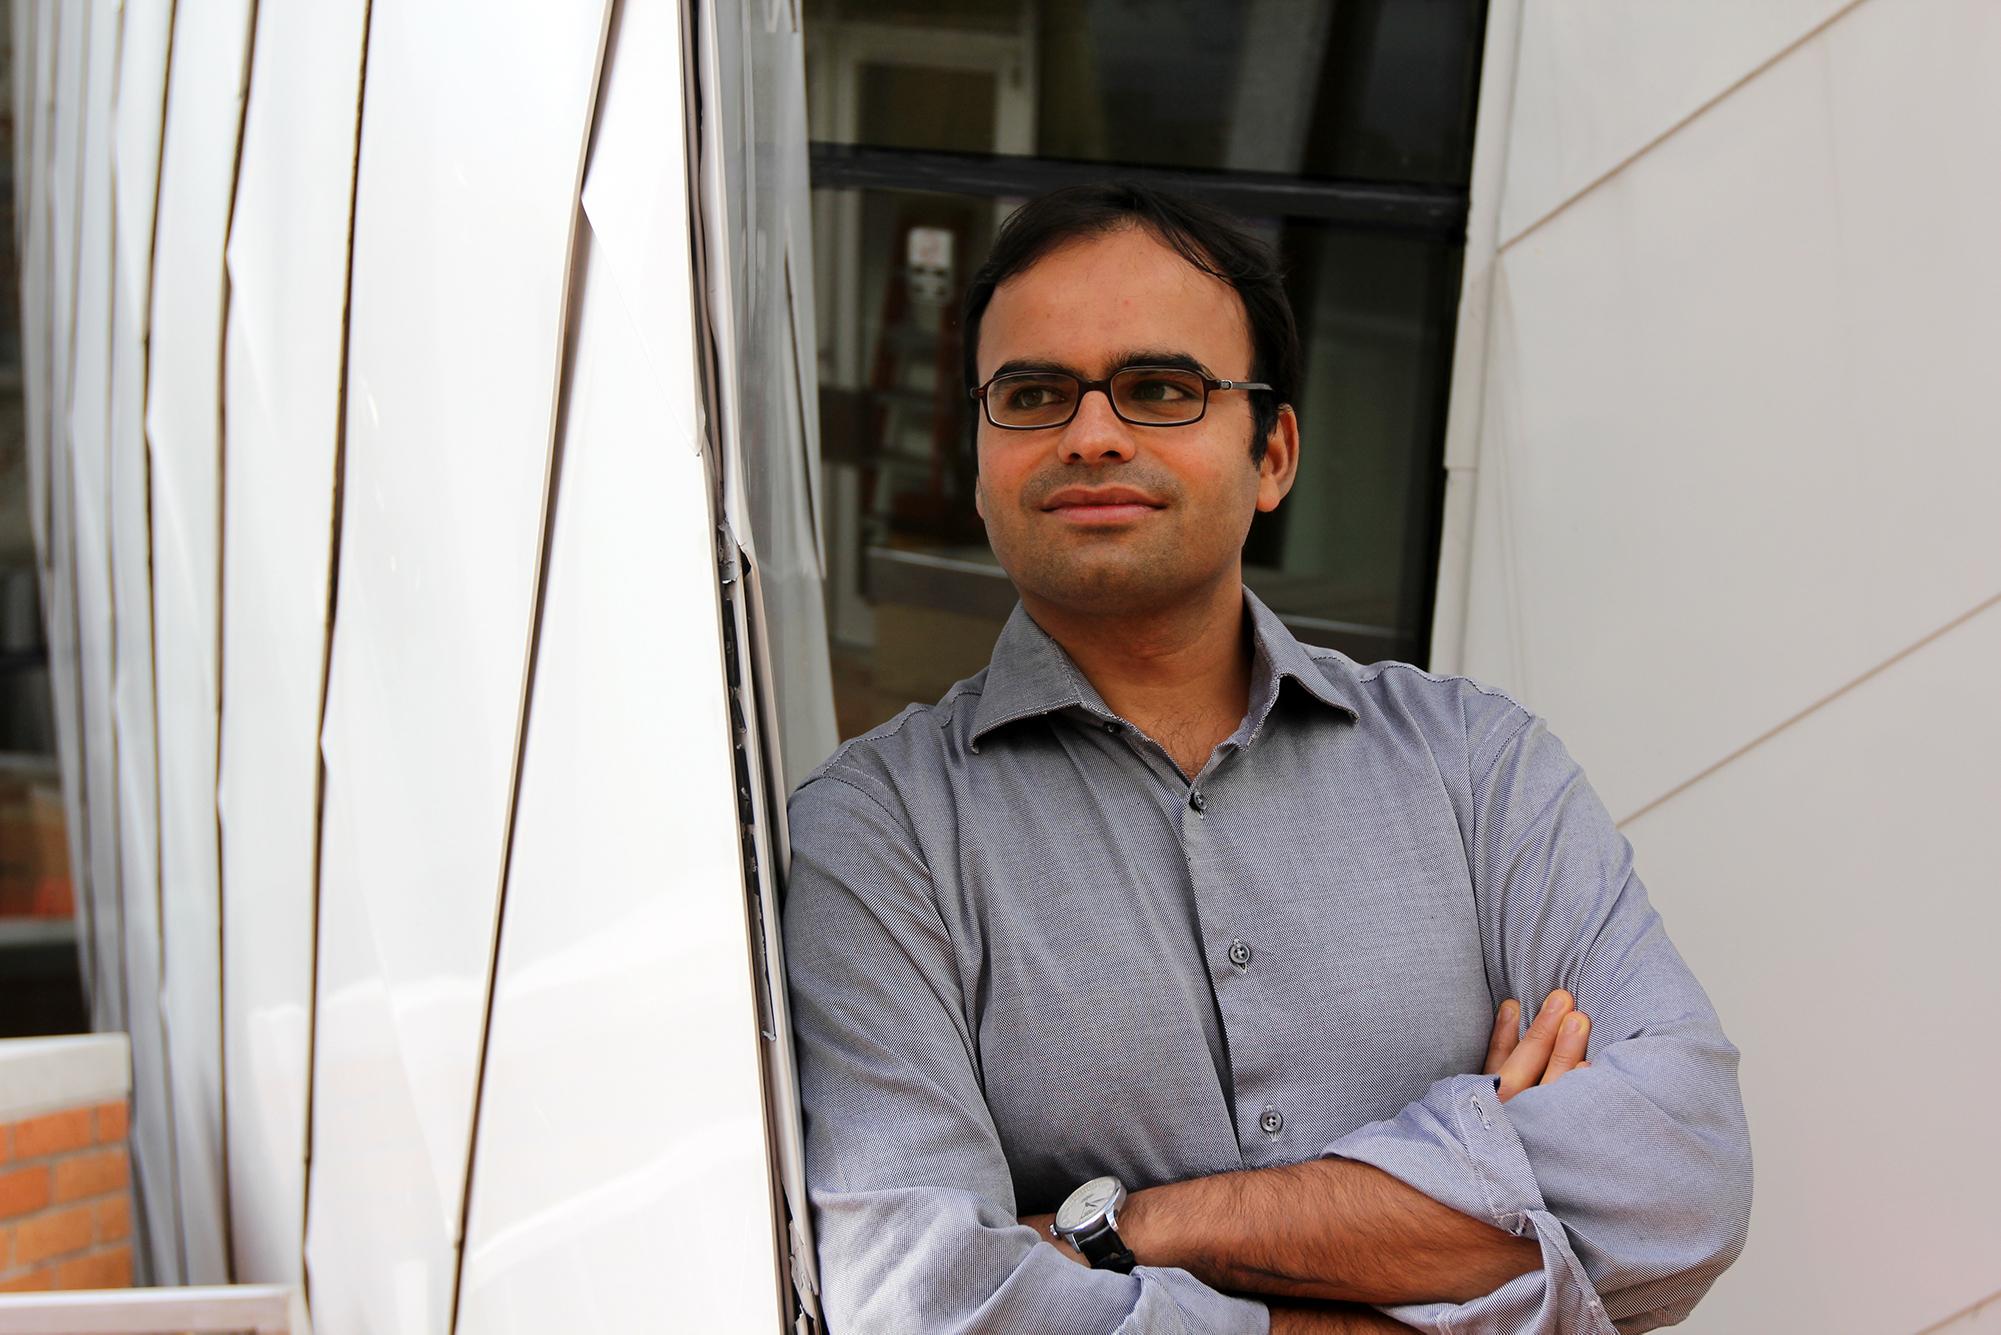 3 Questions: Devavrat Shah on curbing online misinformation